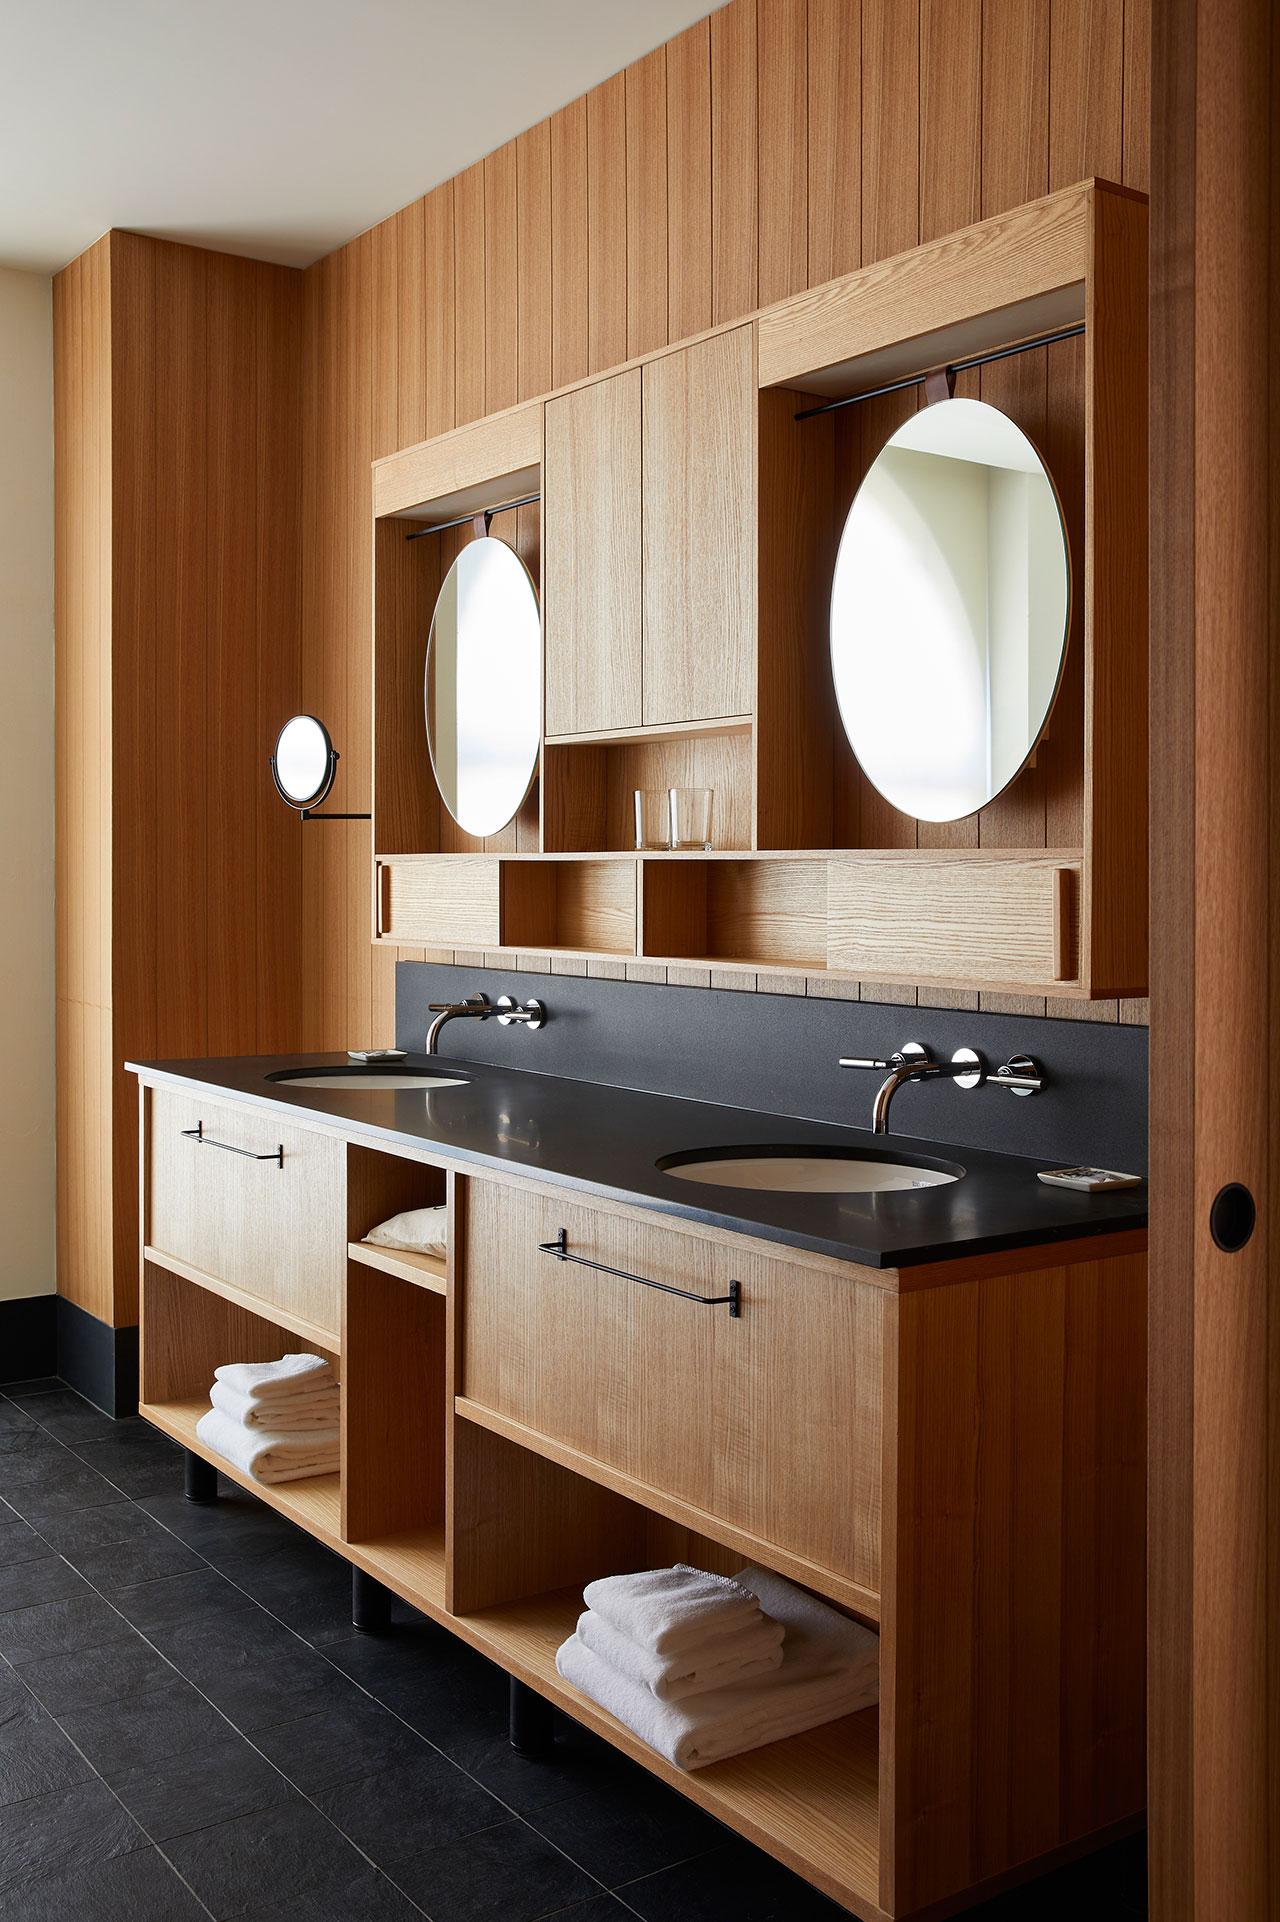 京都王牌酒店。 客房浴室。 牧野佳弘摄。